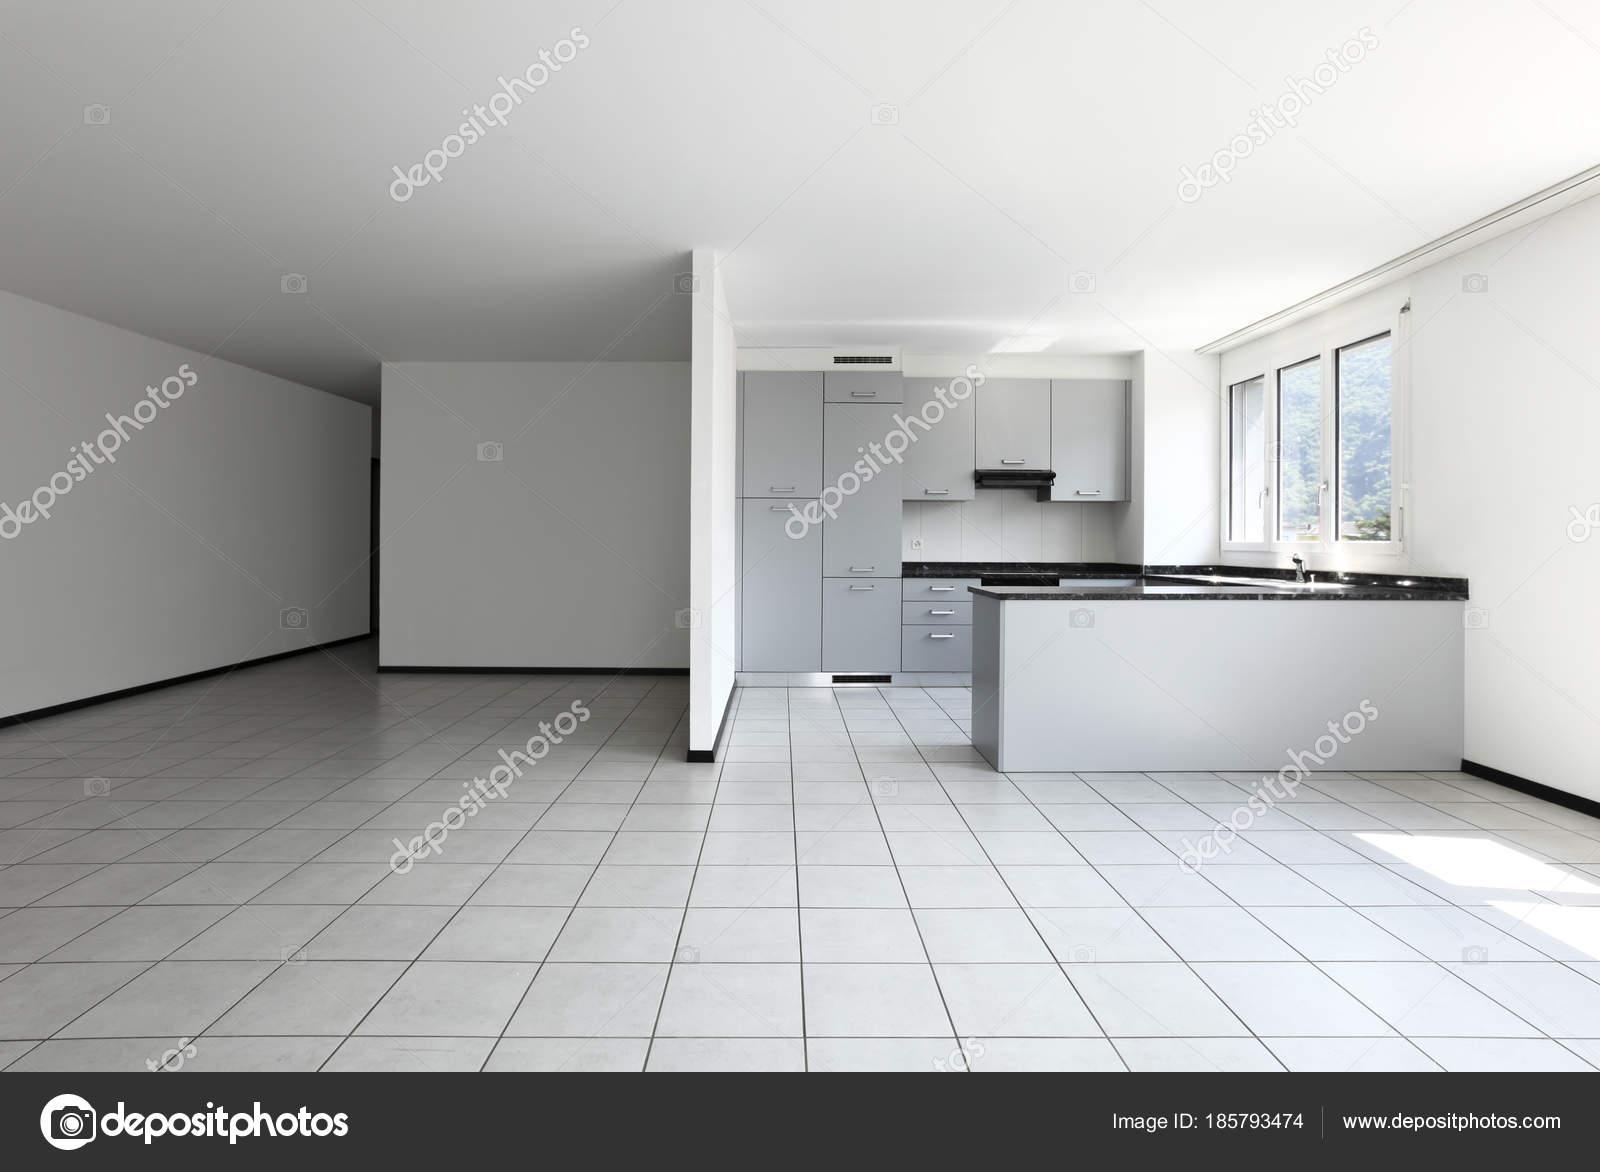 modernes Haus mit Küche-Halbinsel — Stockfoto © Zveiger #185793474